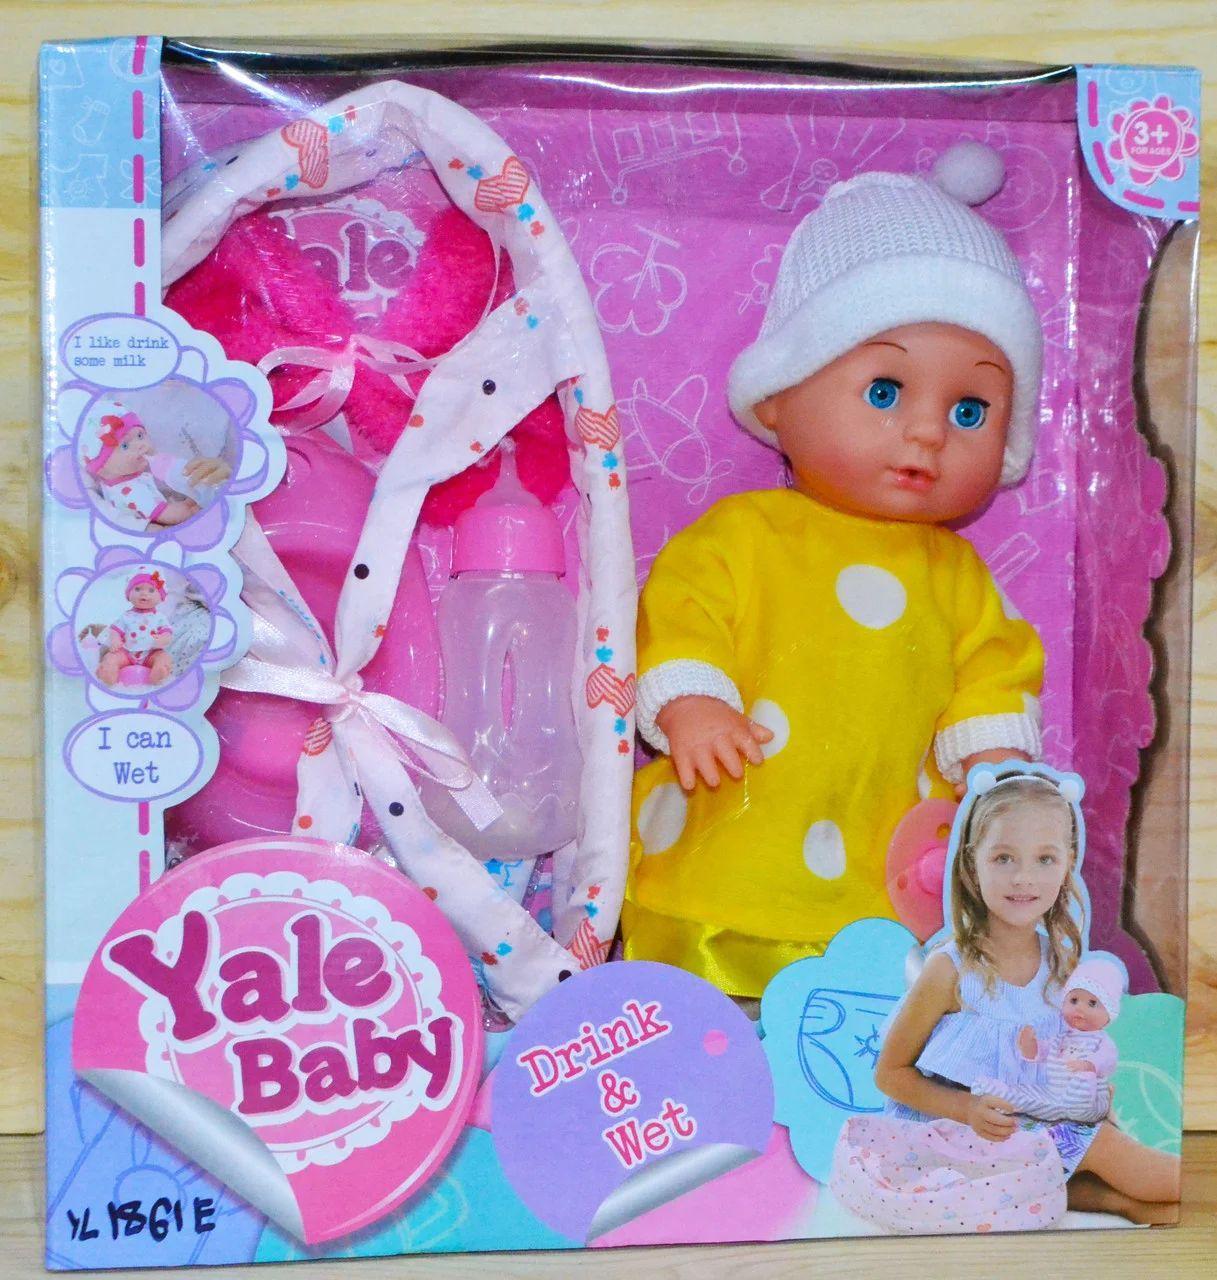 YL1861D Yale Baby Пупс с люлькой  (отправляем в разобранном виде)